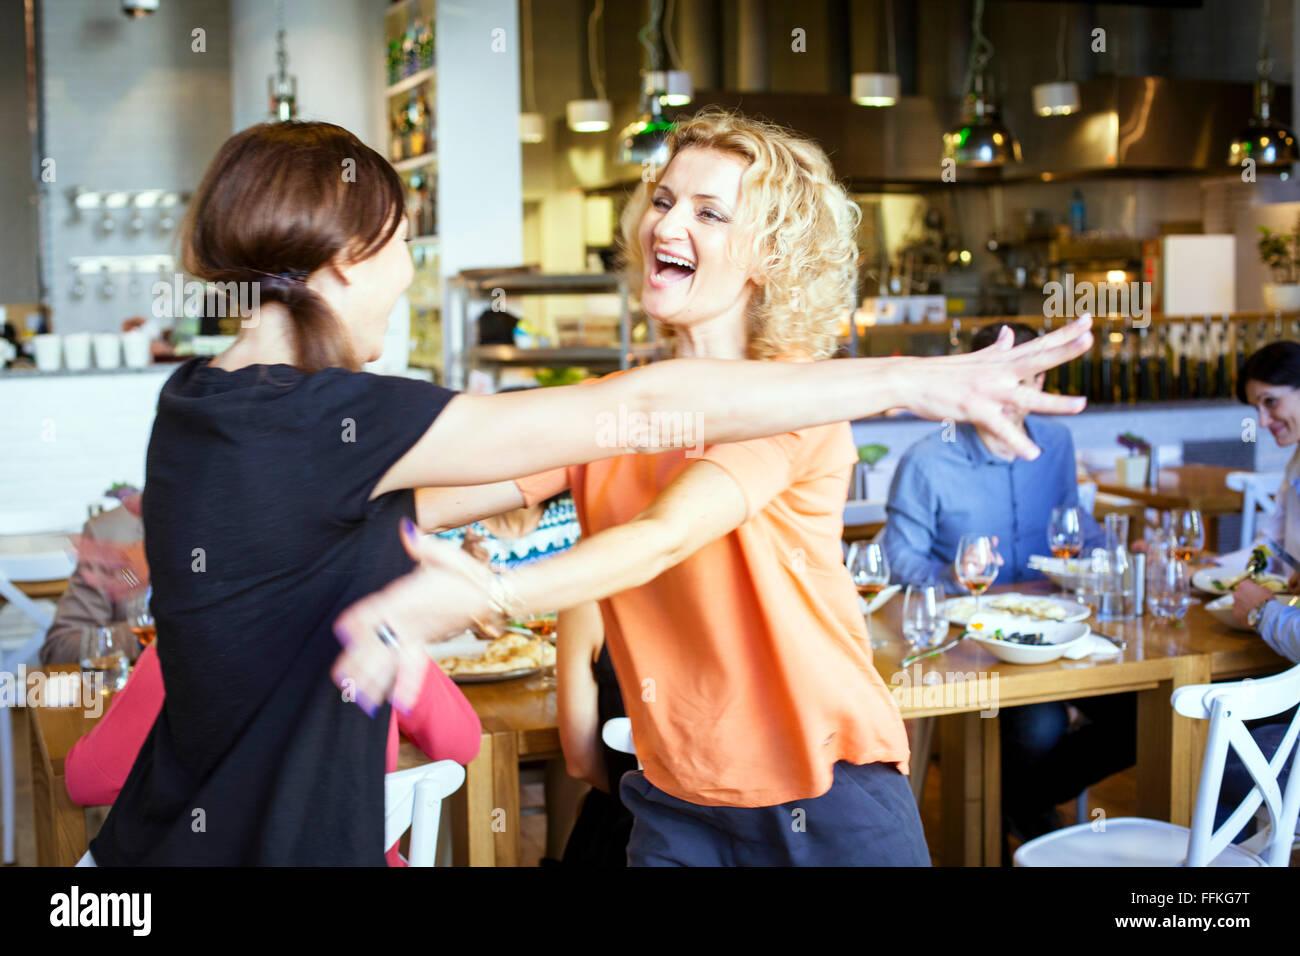 Copines dans restaurant se réjouir de se rencontrer à nouveau Photo Stock